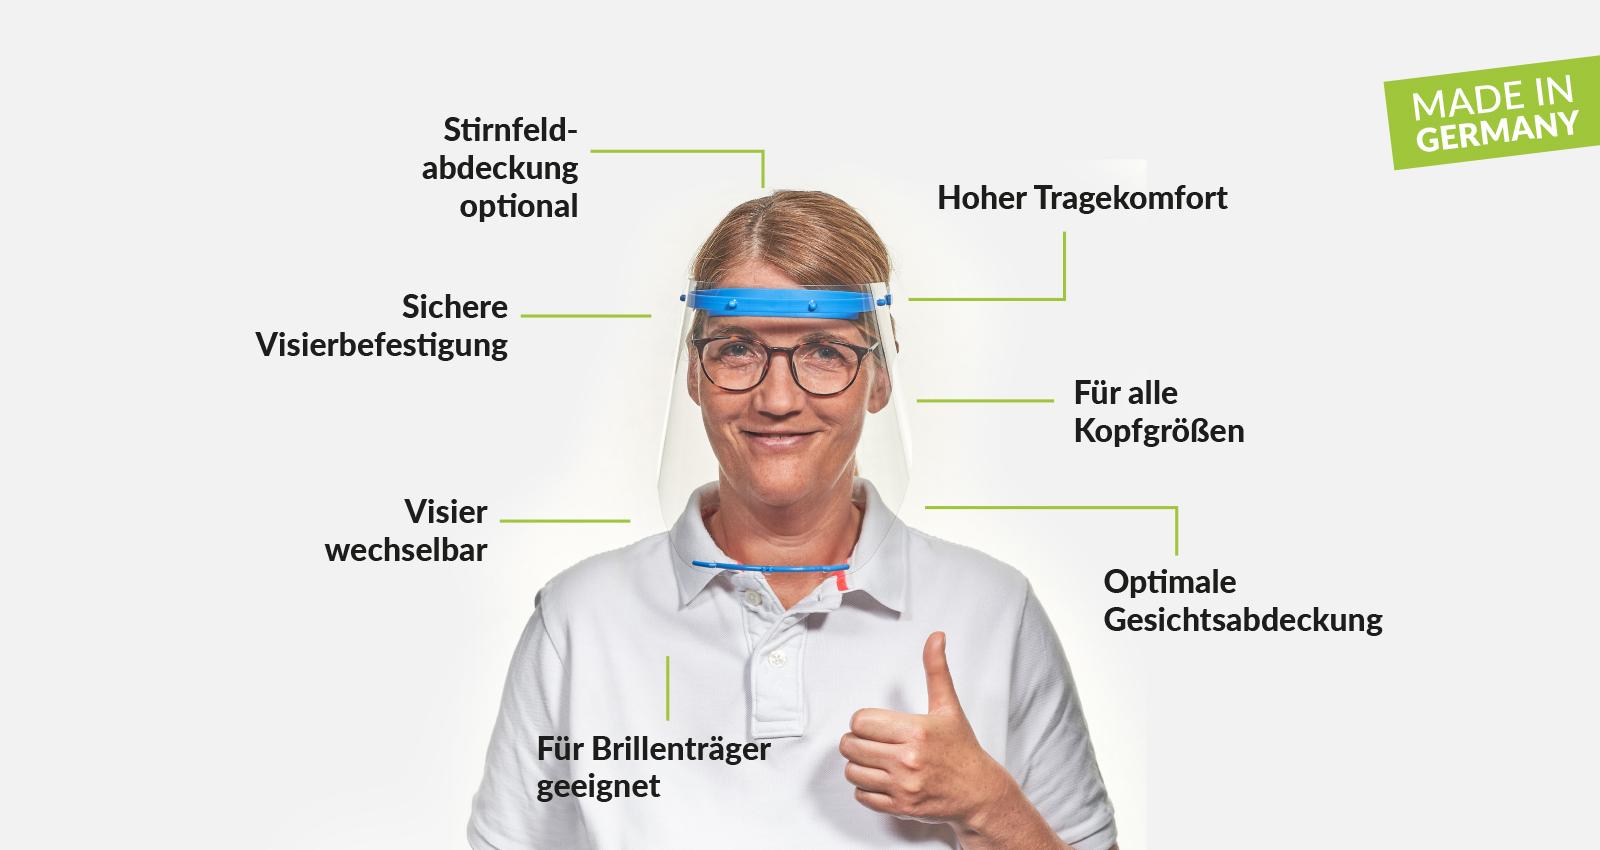 NIRASHIELD_Gesichtsschutz_Visier_Vorteile_DE_2021